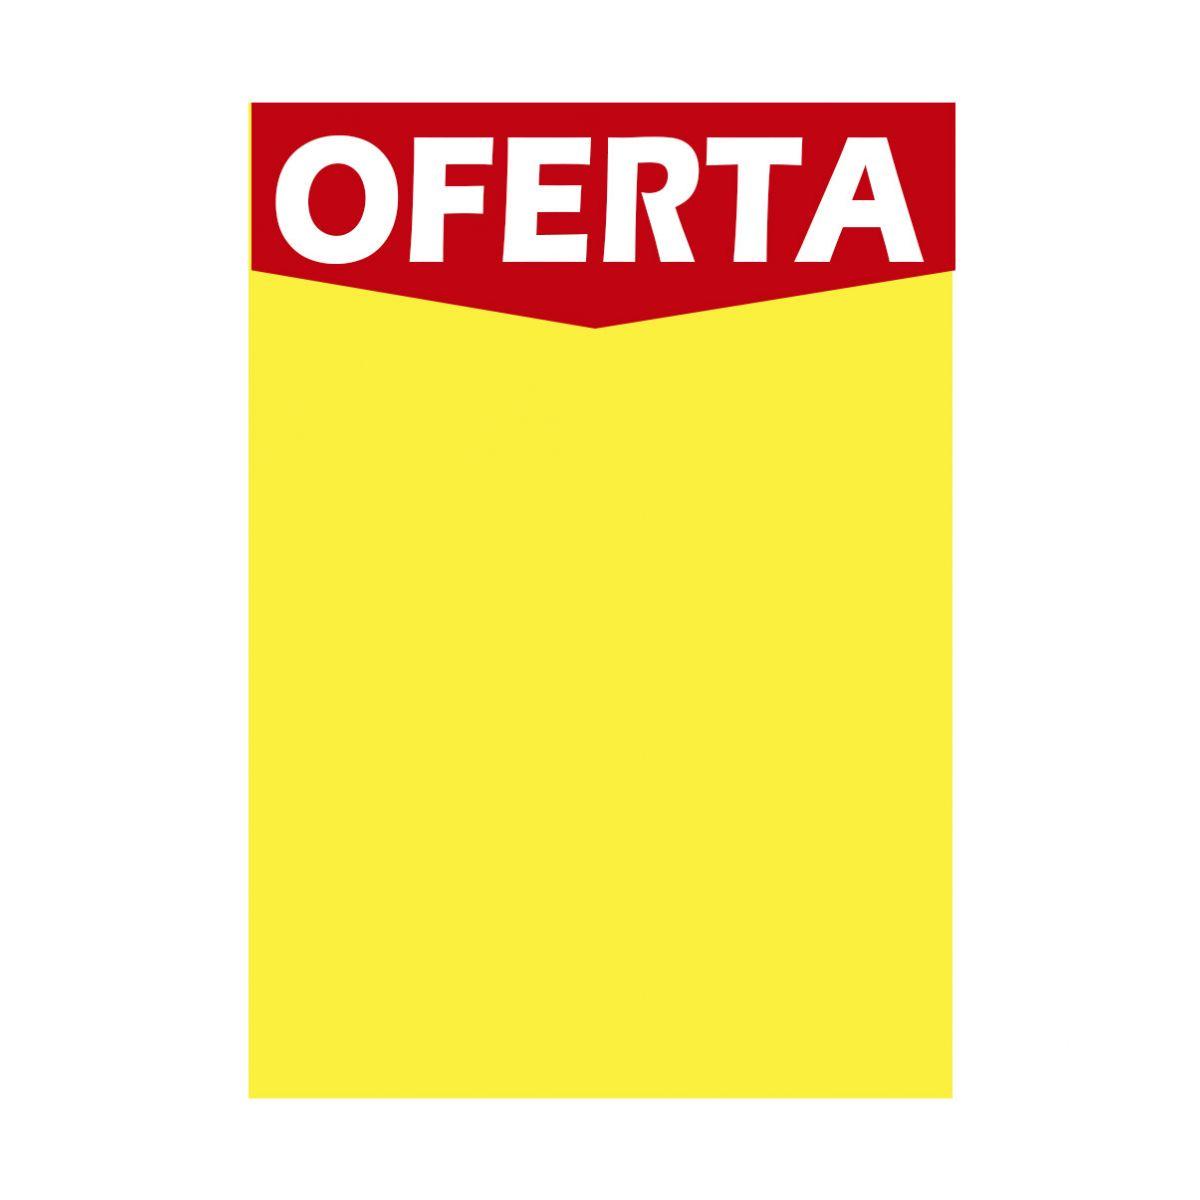 CARTAZ CHAPADO DUPLEX AMARELO Oferta 250 gr 44x62 cm